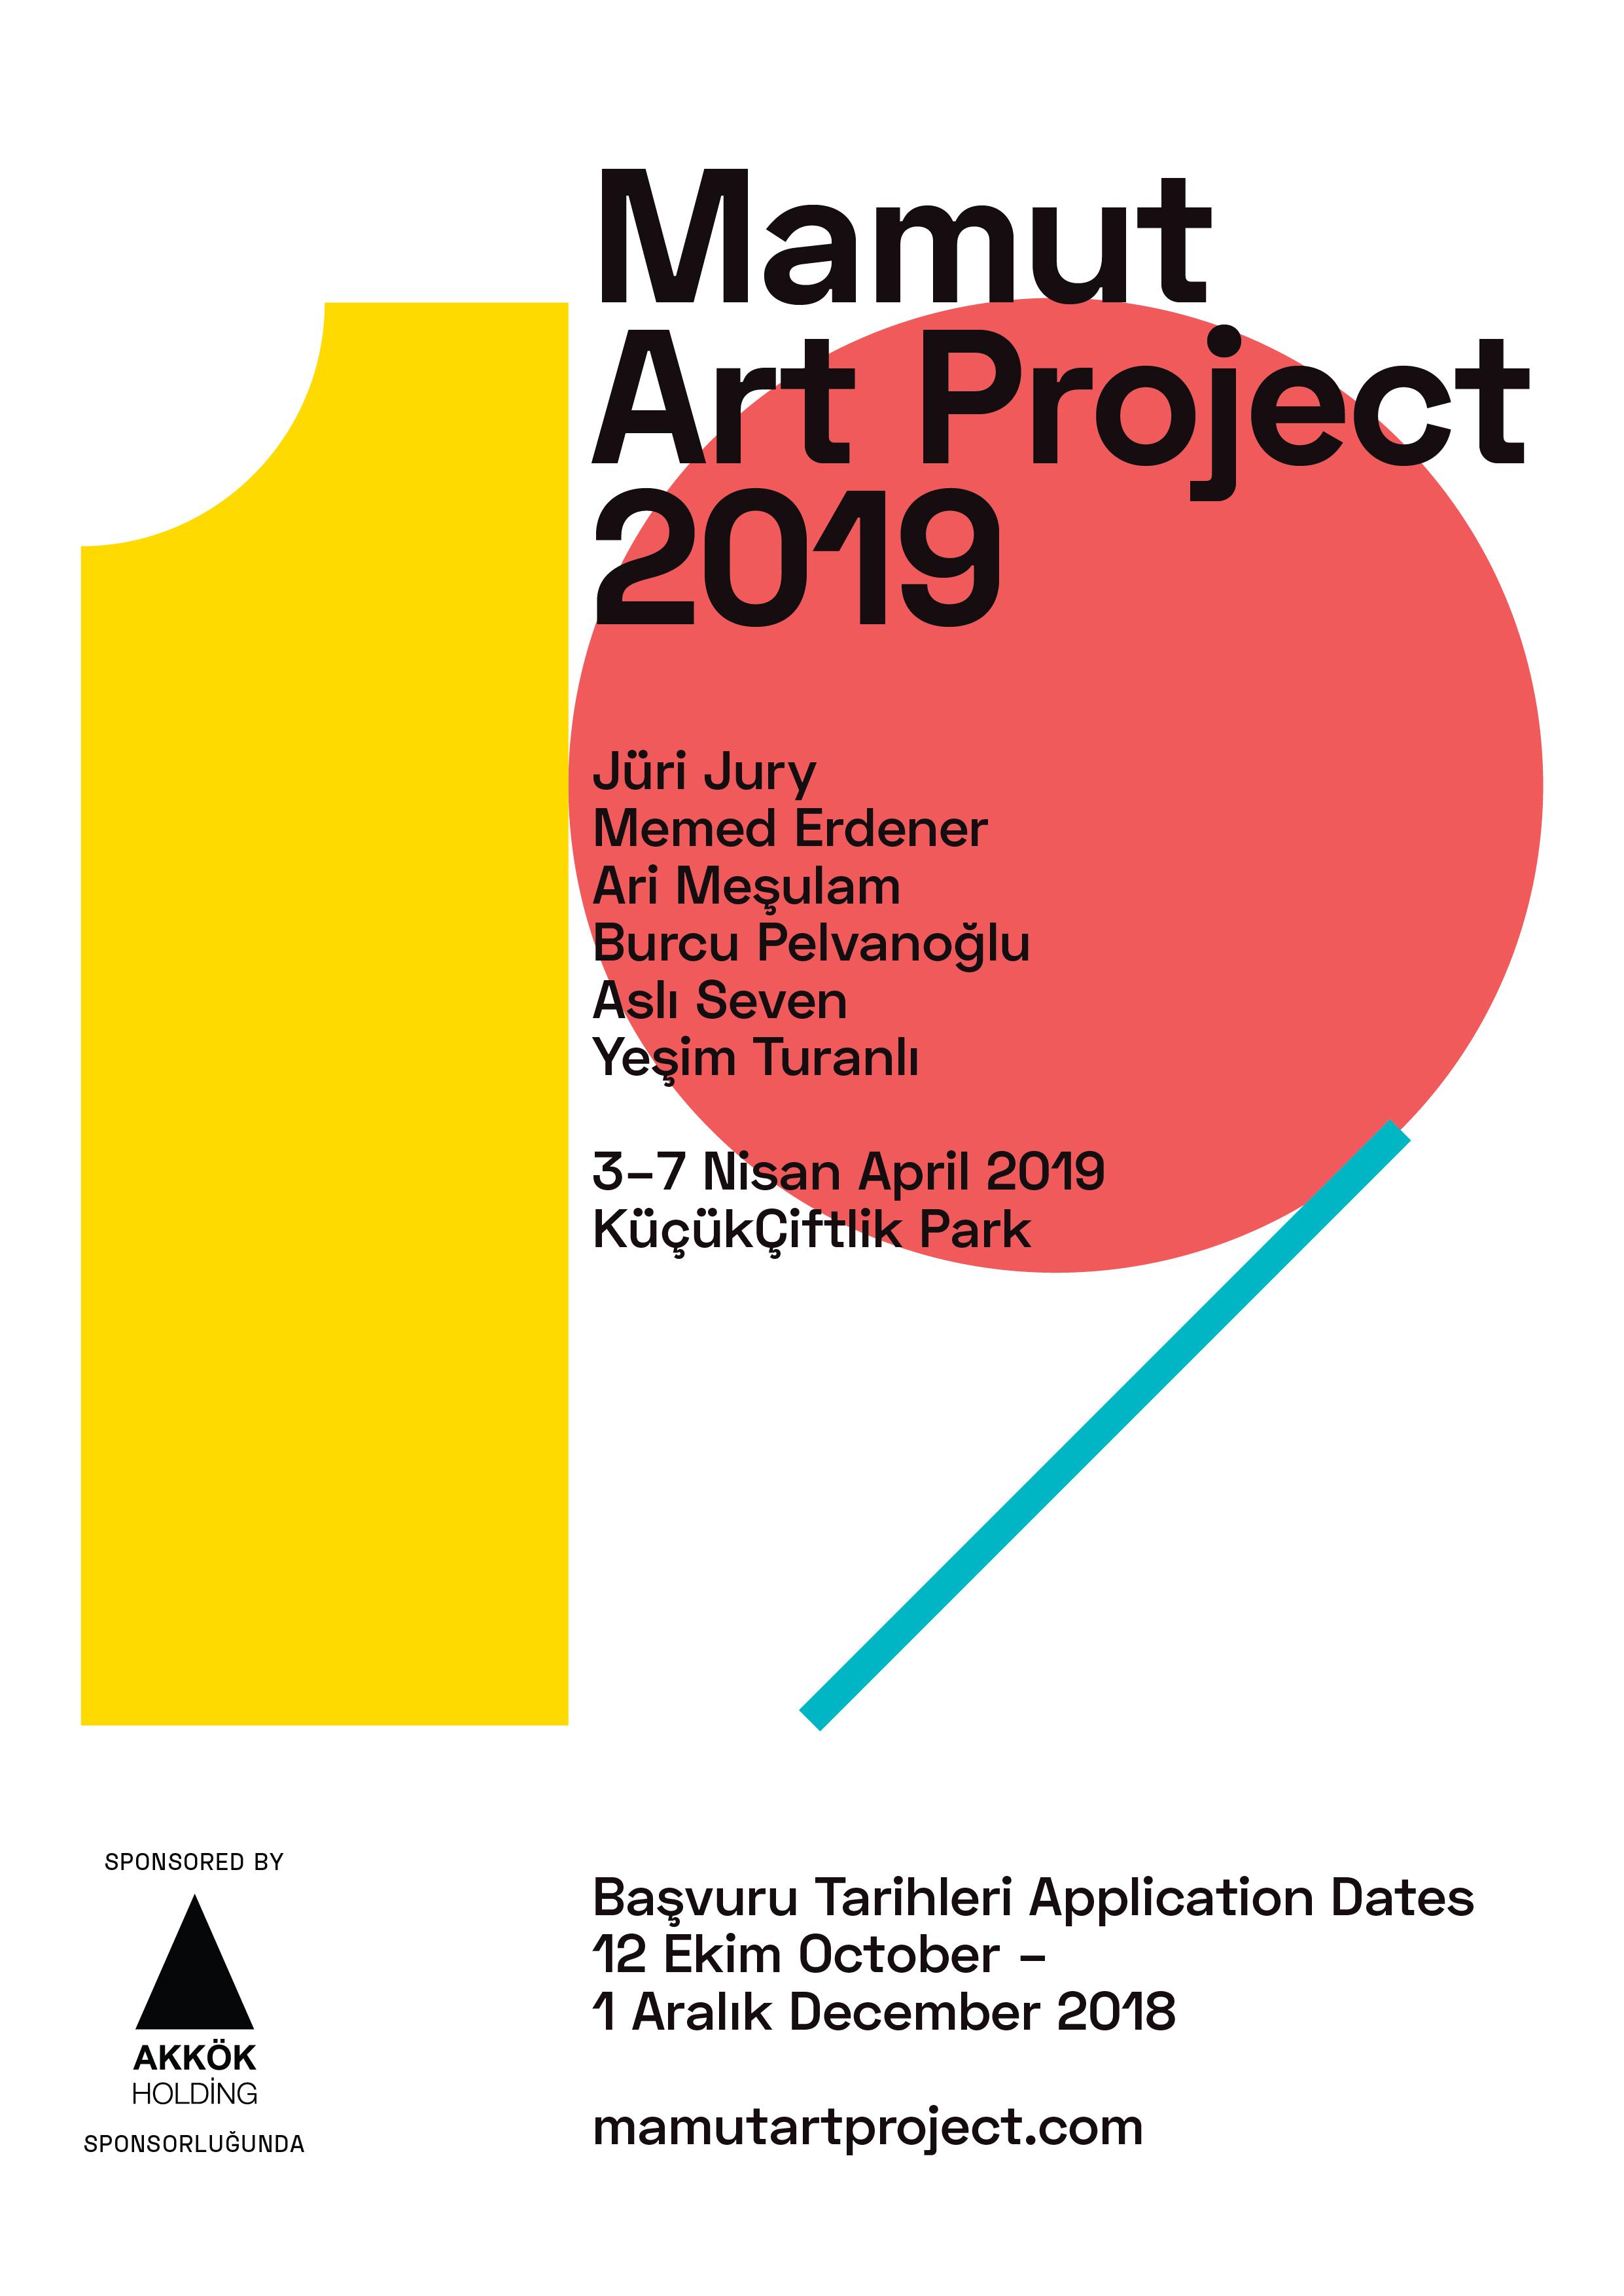 Mamut Art Project 2020 Basvuru